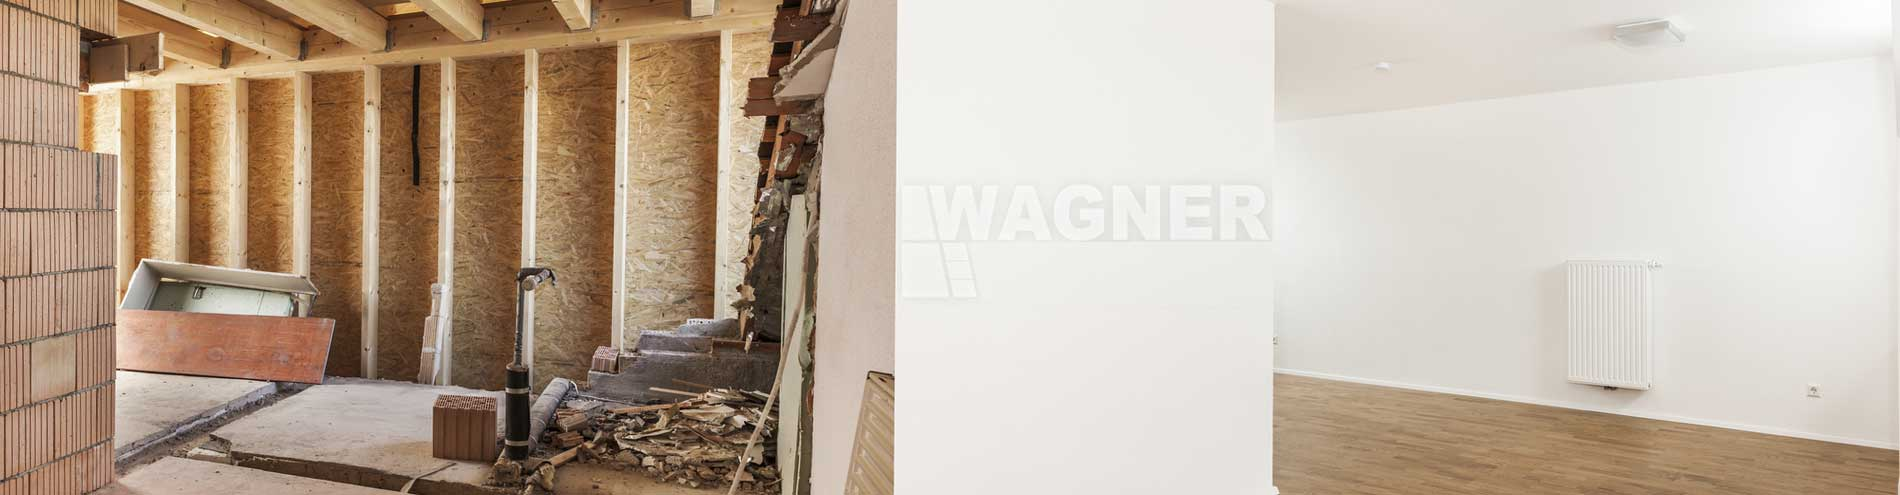 Innenausbau Wagner I.M.T